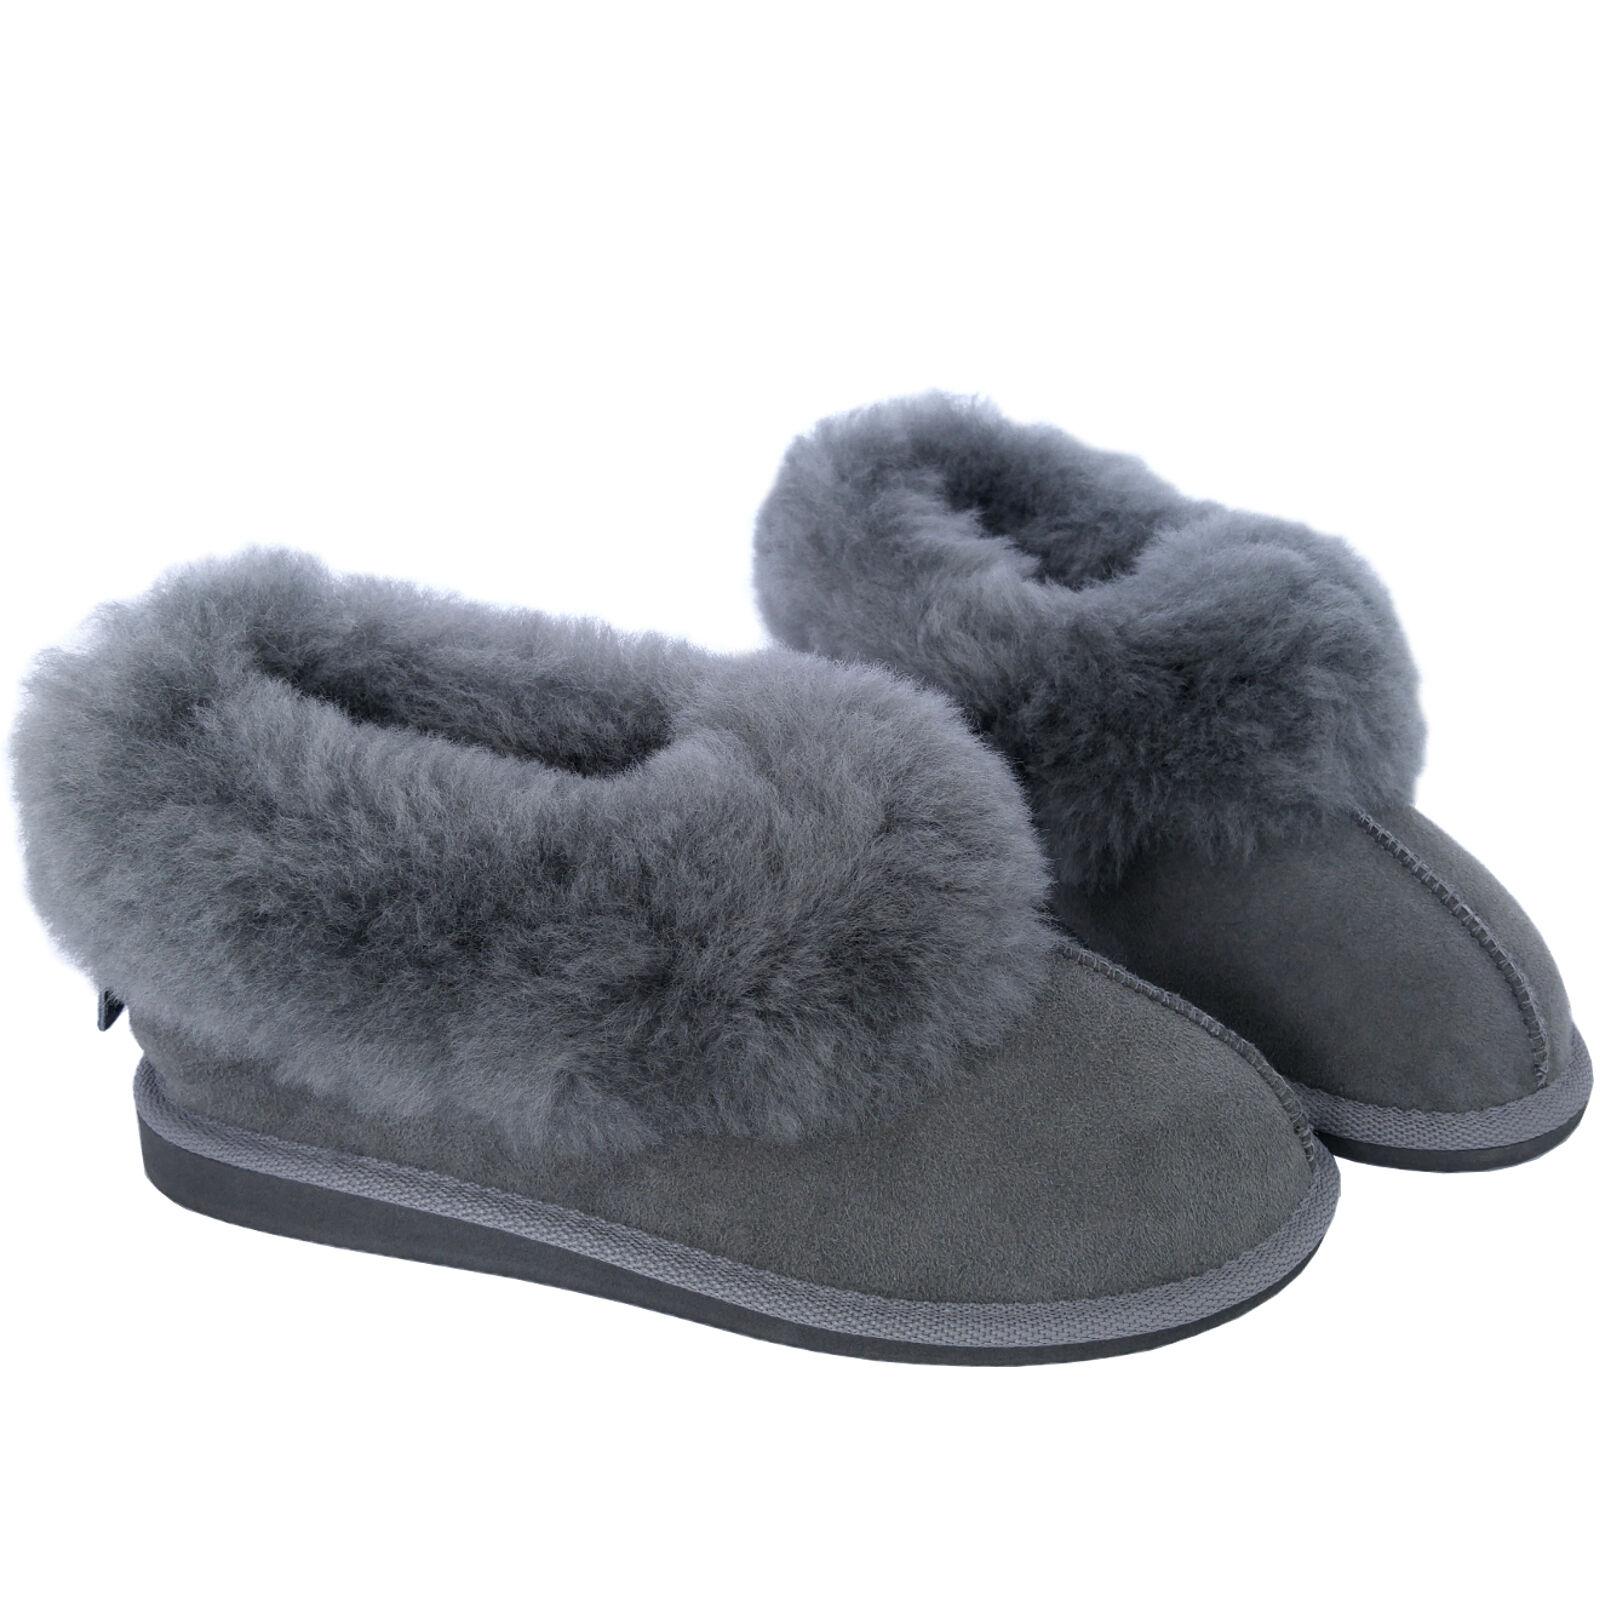 NUOVO grigio di alta qualità Deluxe Donna Vera Pelle Di scamosciata Pecora Pantofole in Pelle scamosciata Di suola rigida 4f71e9